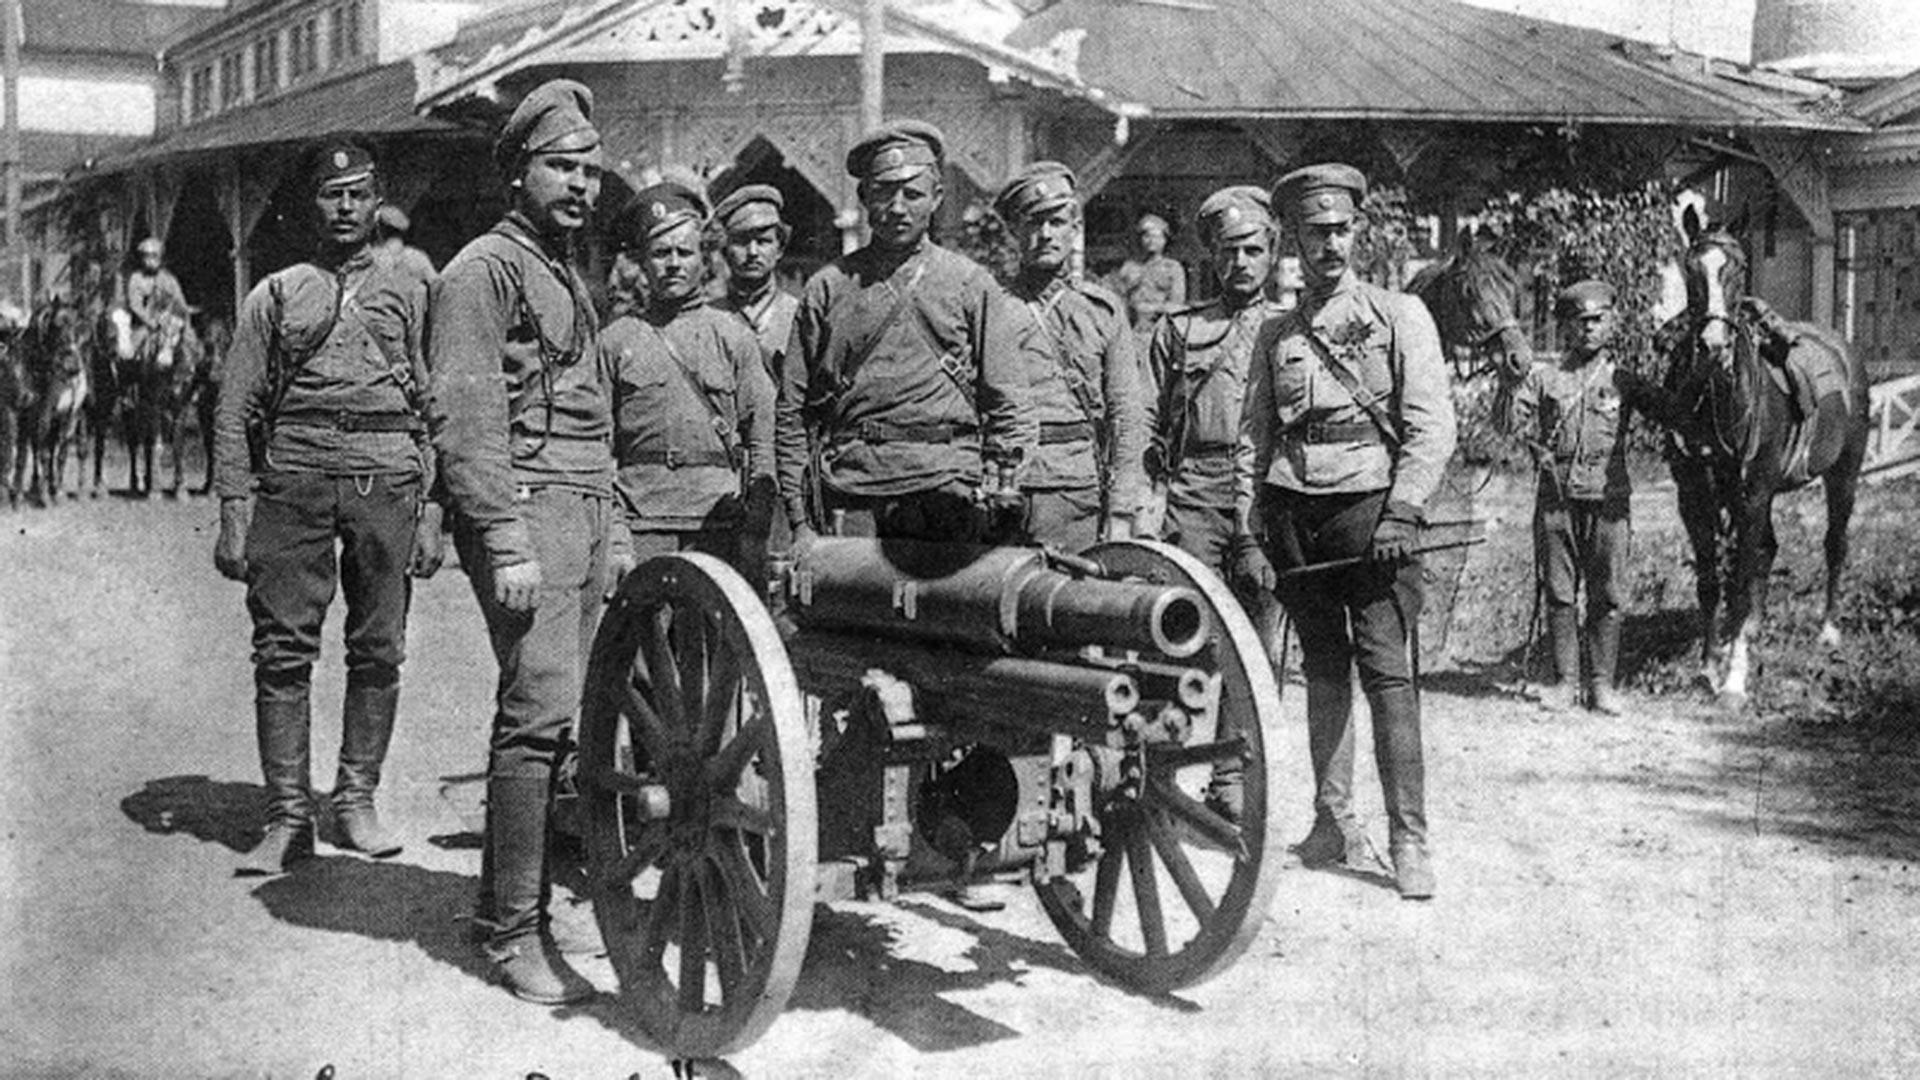 Нижи чинови артиљеријског одељења одреда са атаманом Пуњином.